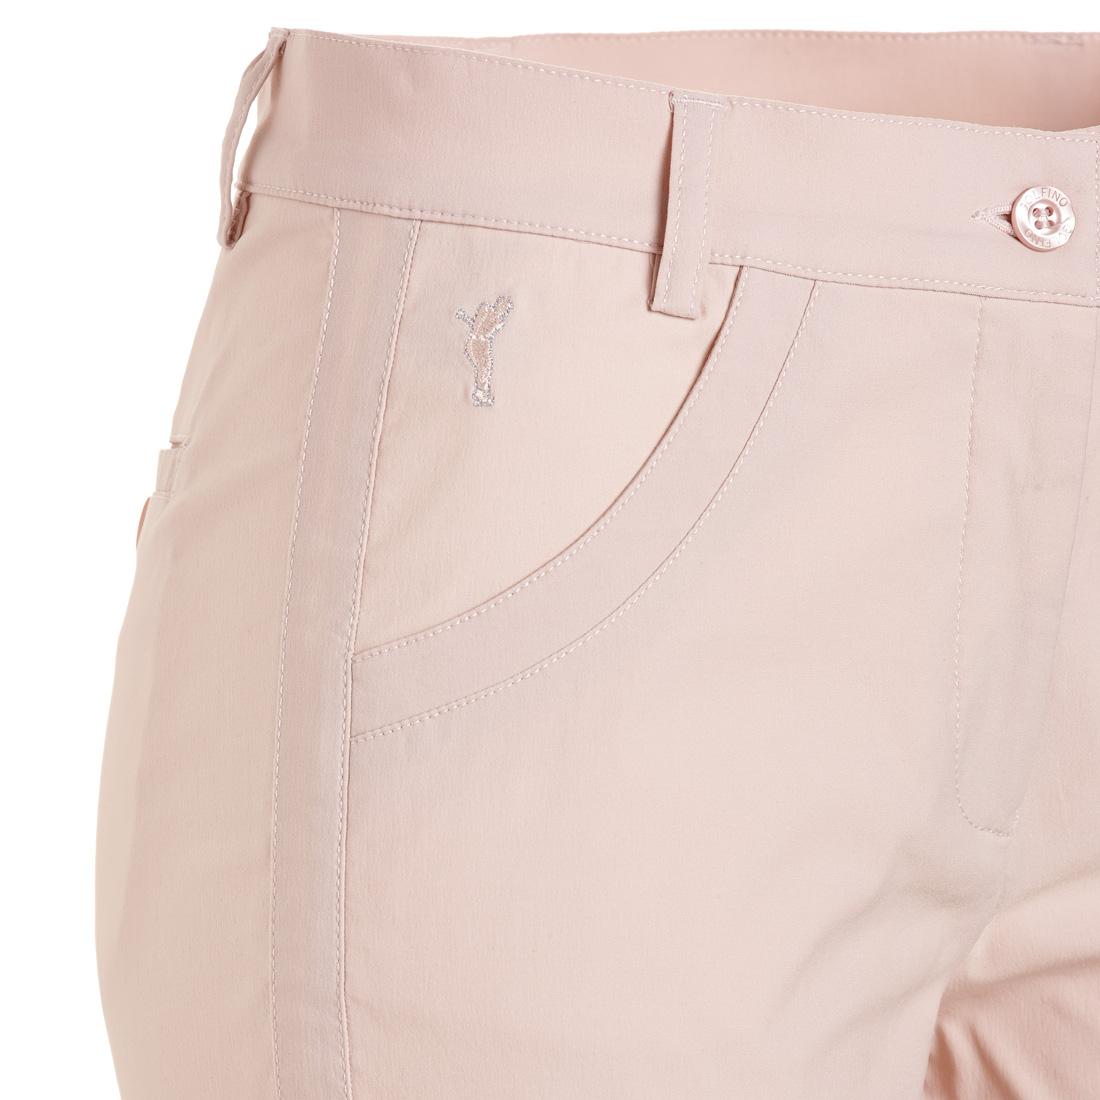 Damen 7/8 Stretch Hose mit UV-Schutz